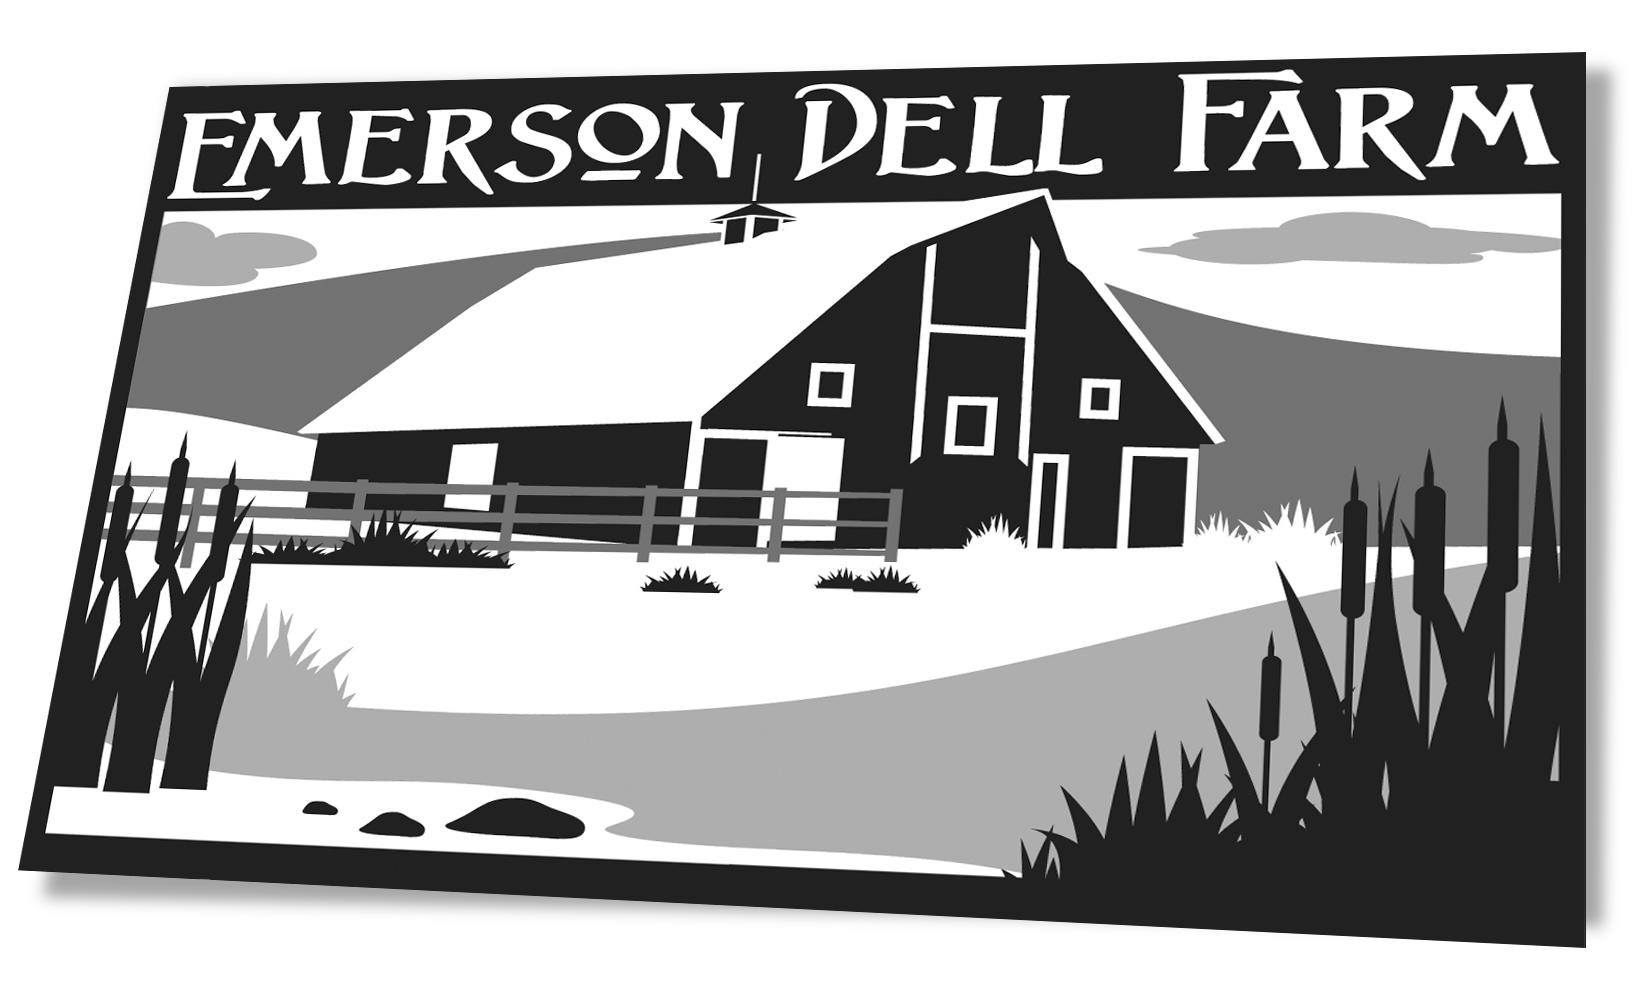 Emerson Dell Farm Illustration